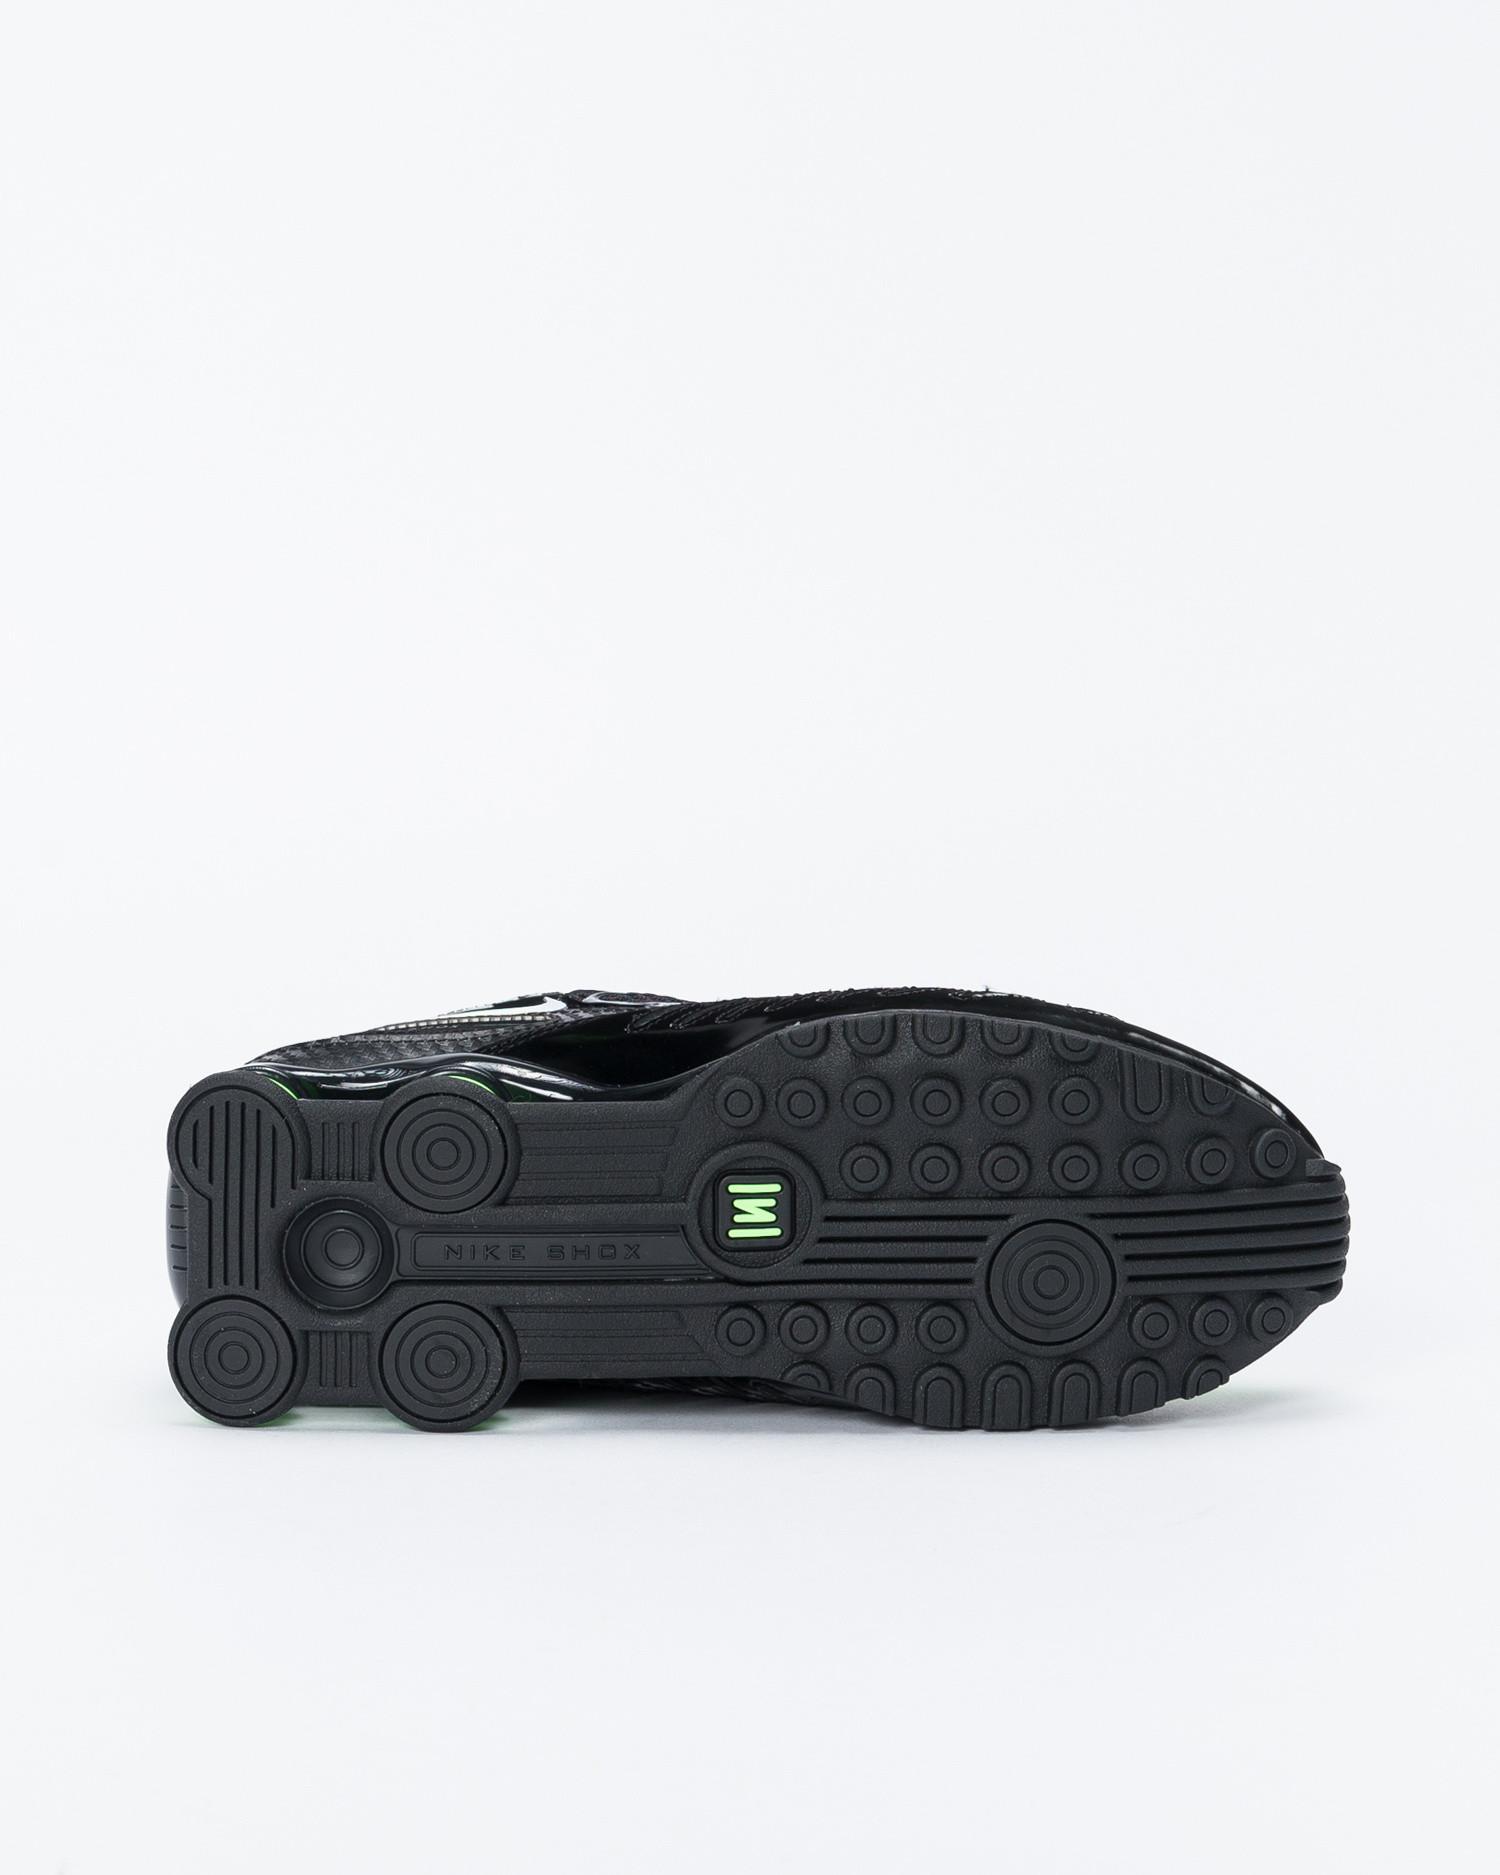 Nike Shox Enigma Black 9000/black-lime blast